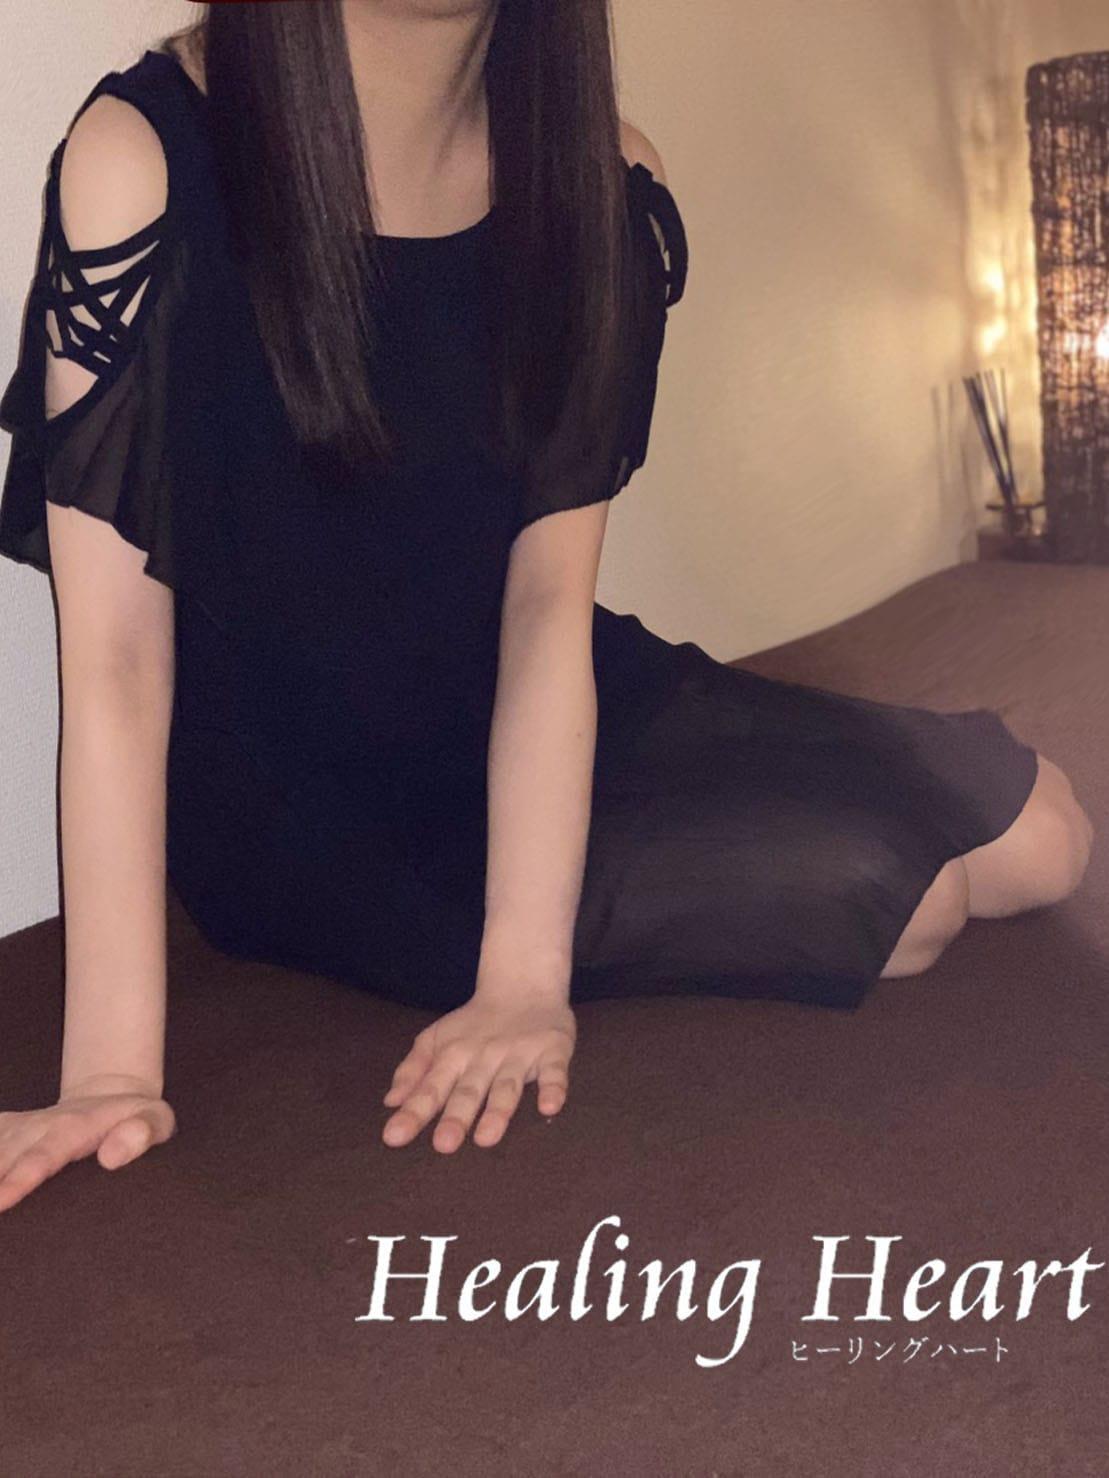 ゆか【一目惚れしそうな美形セラピスト】 | 出張専門 Healing Heart()